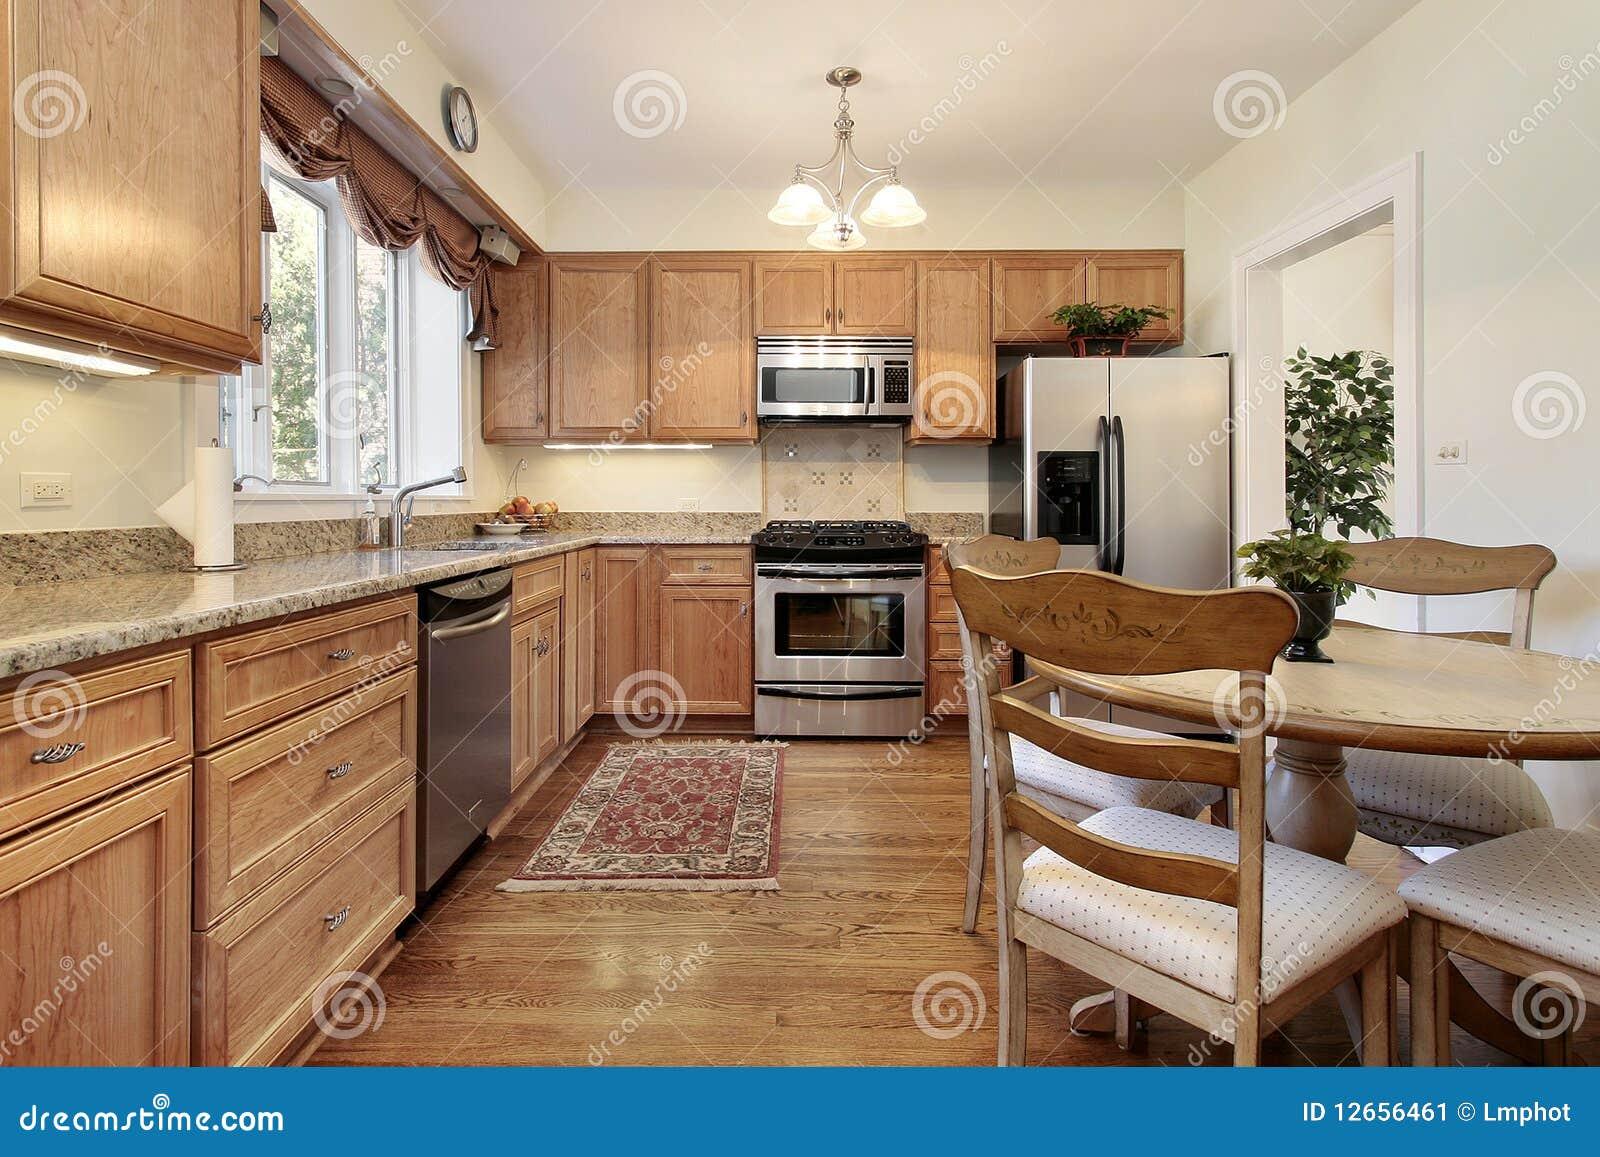 Cocina con el revestimiento de madera de madera imagen de for Revestimiento cocina